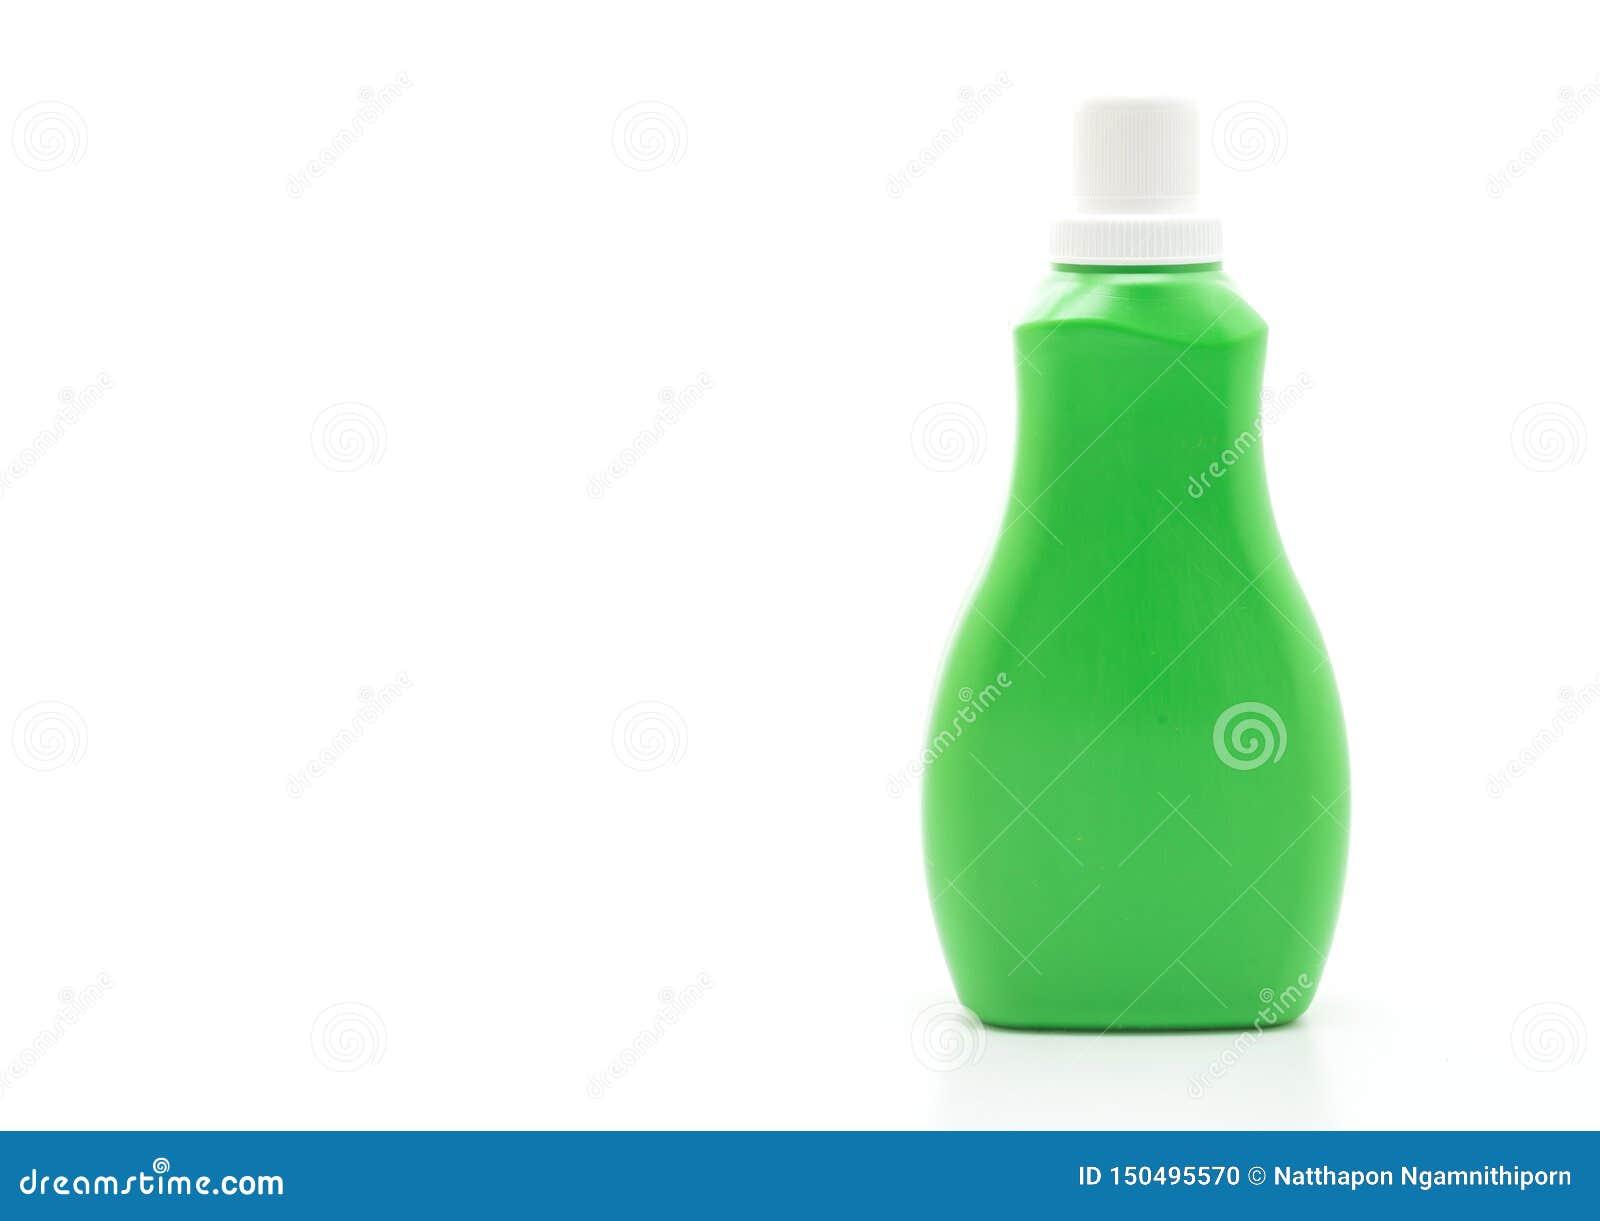 洗涤剂或地板液体清洁的绿色塑料瓶在白色背景